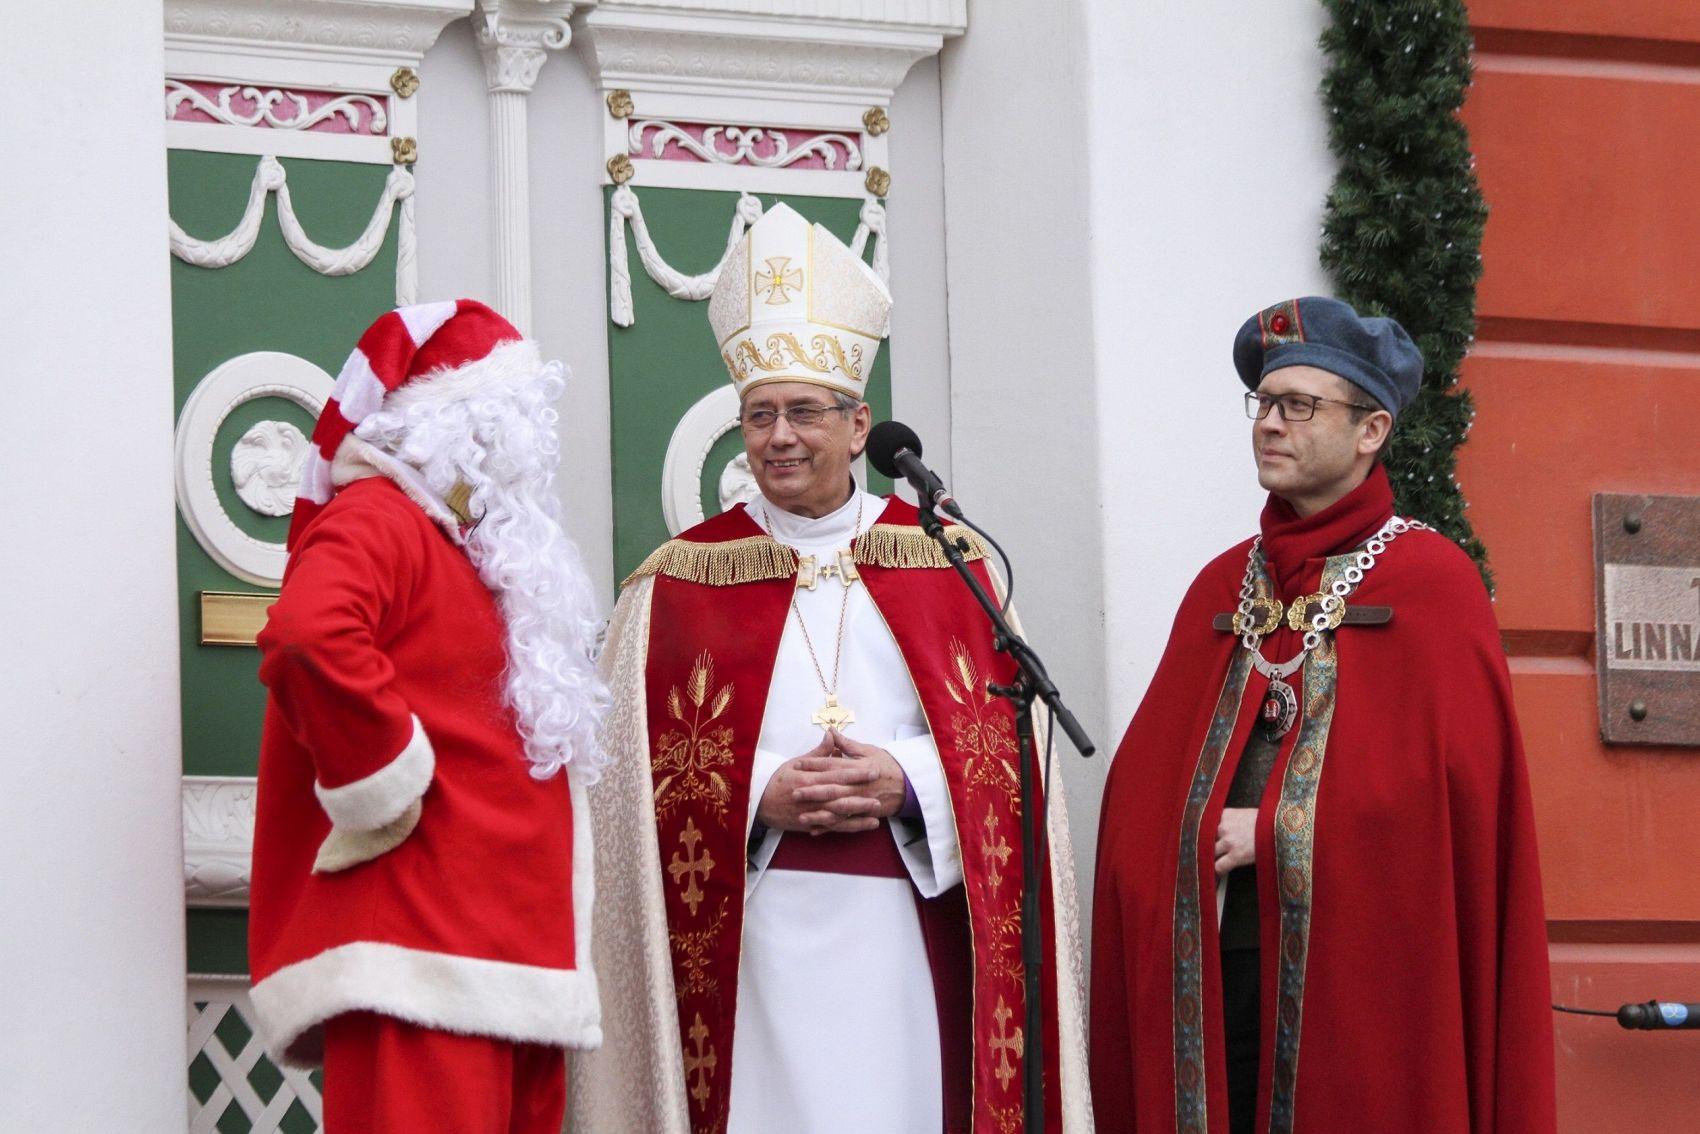 Pühapäeval kuulutatakse Tartu raekoja platsil välja jõulurahu